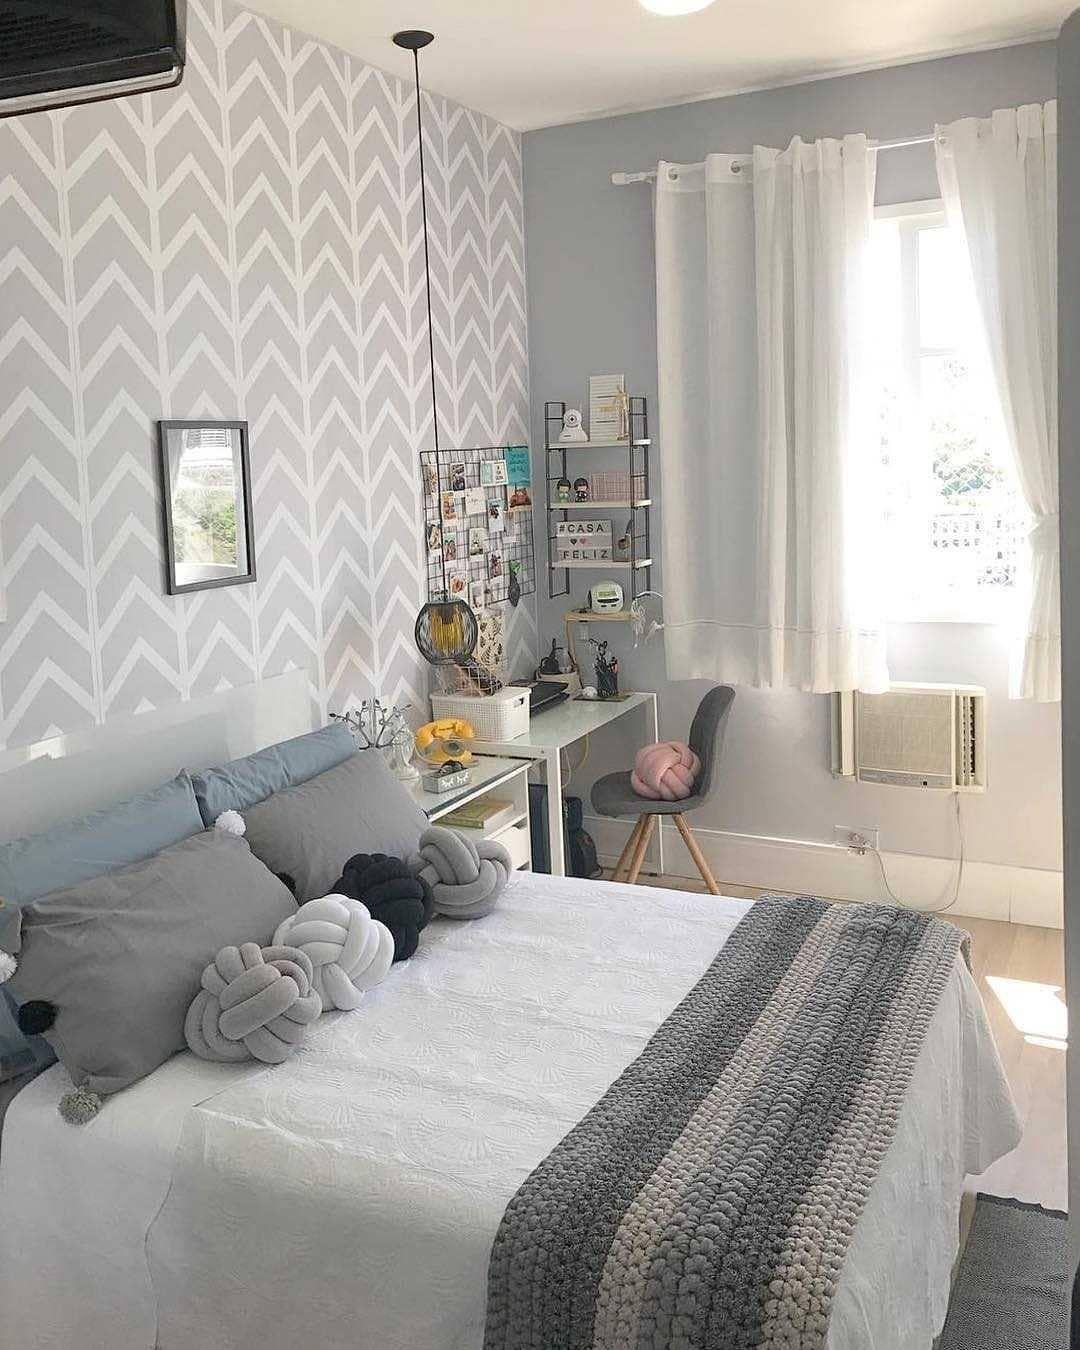 Pin de a9 en deco dormitorio deco decoracion recamara y - Decoracion habitacion individual ...